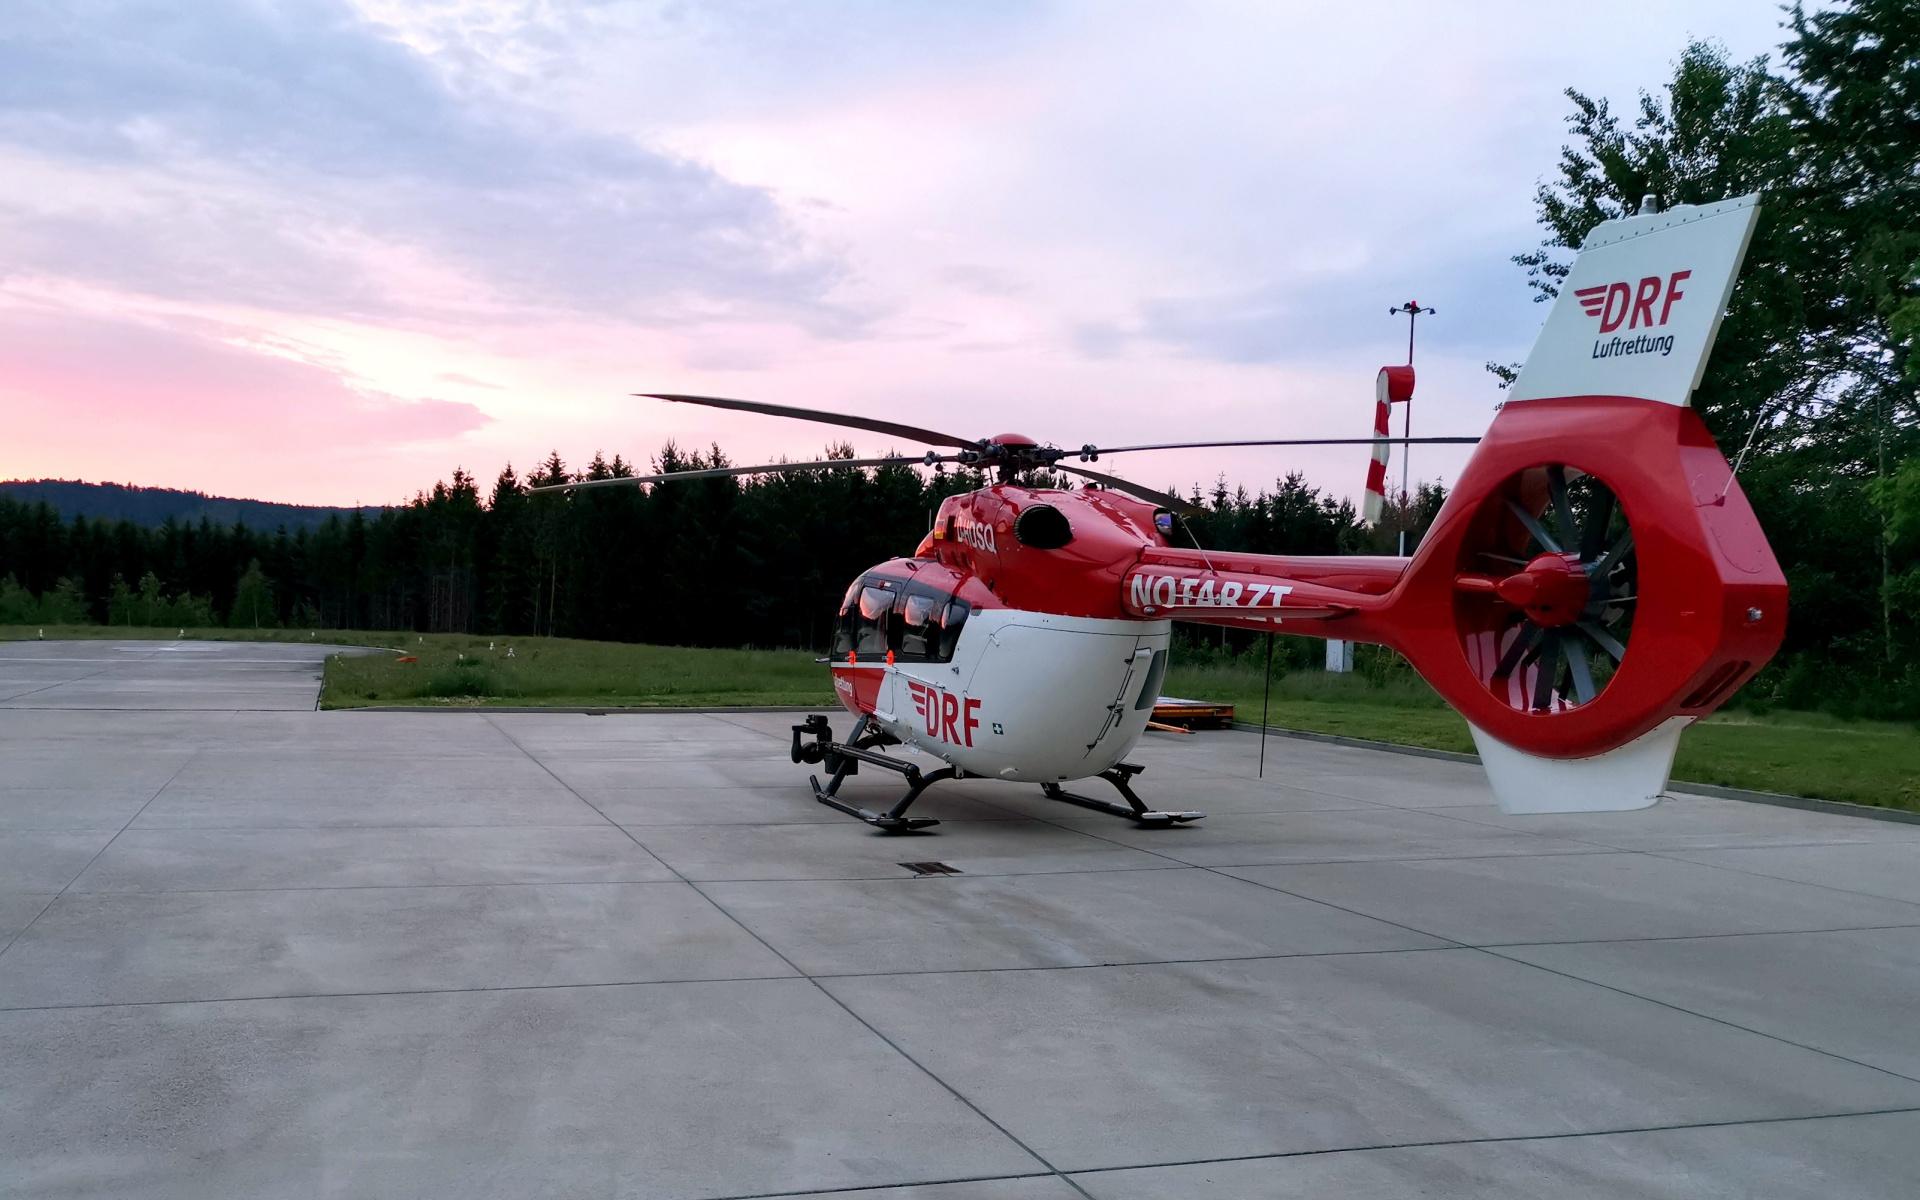 Die fliegende Intensivstation ist für Einsätze in der Nacht in besonderer Weise geeignet.